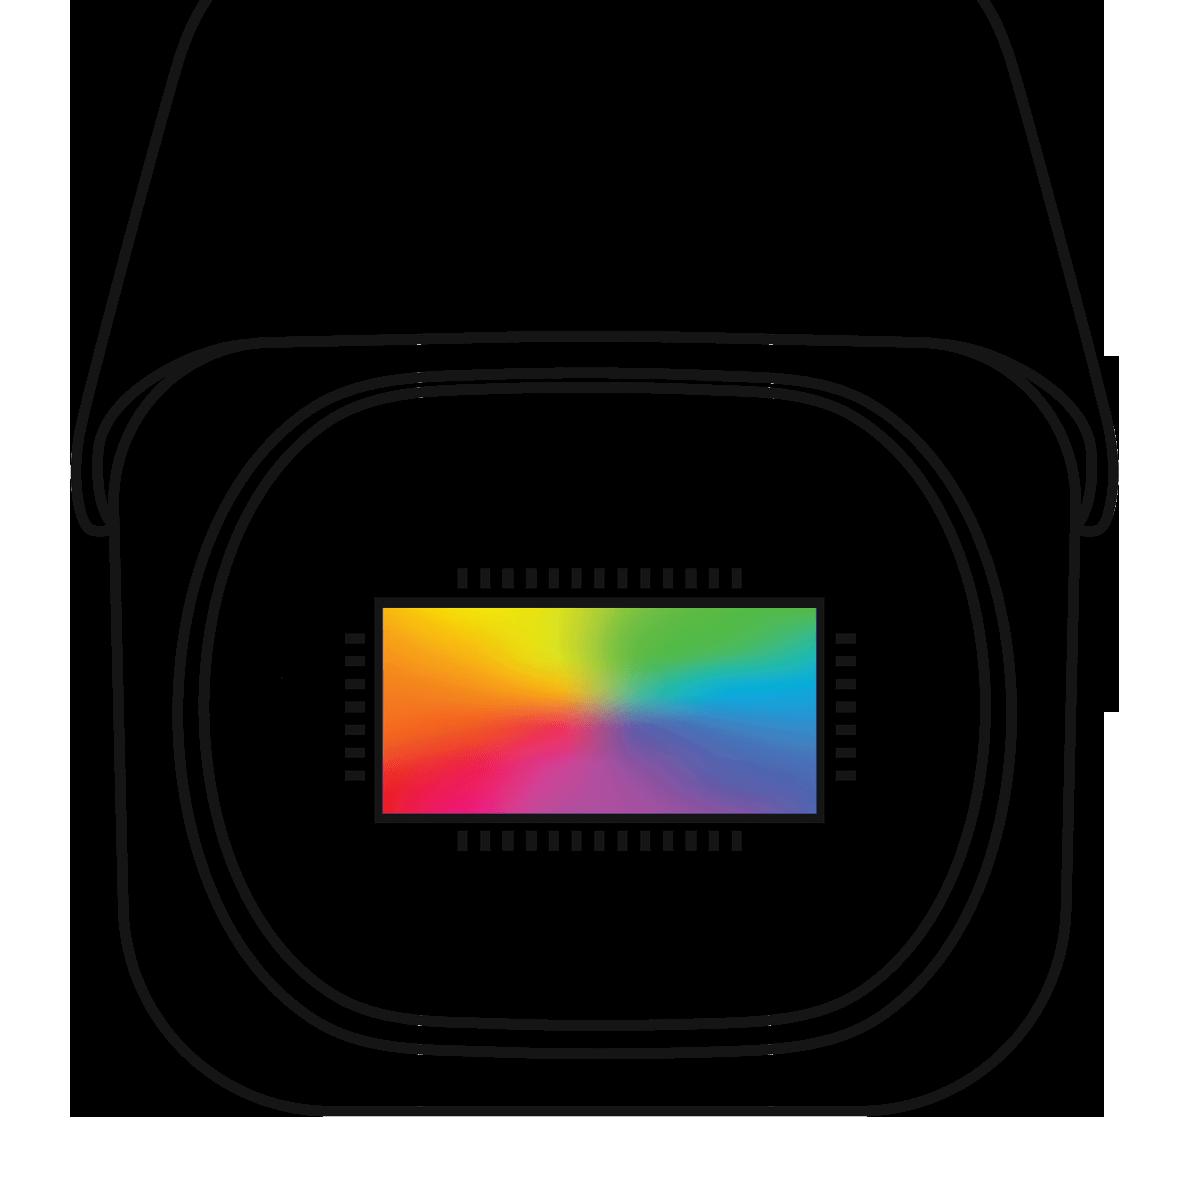 8MP image sensor